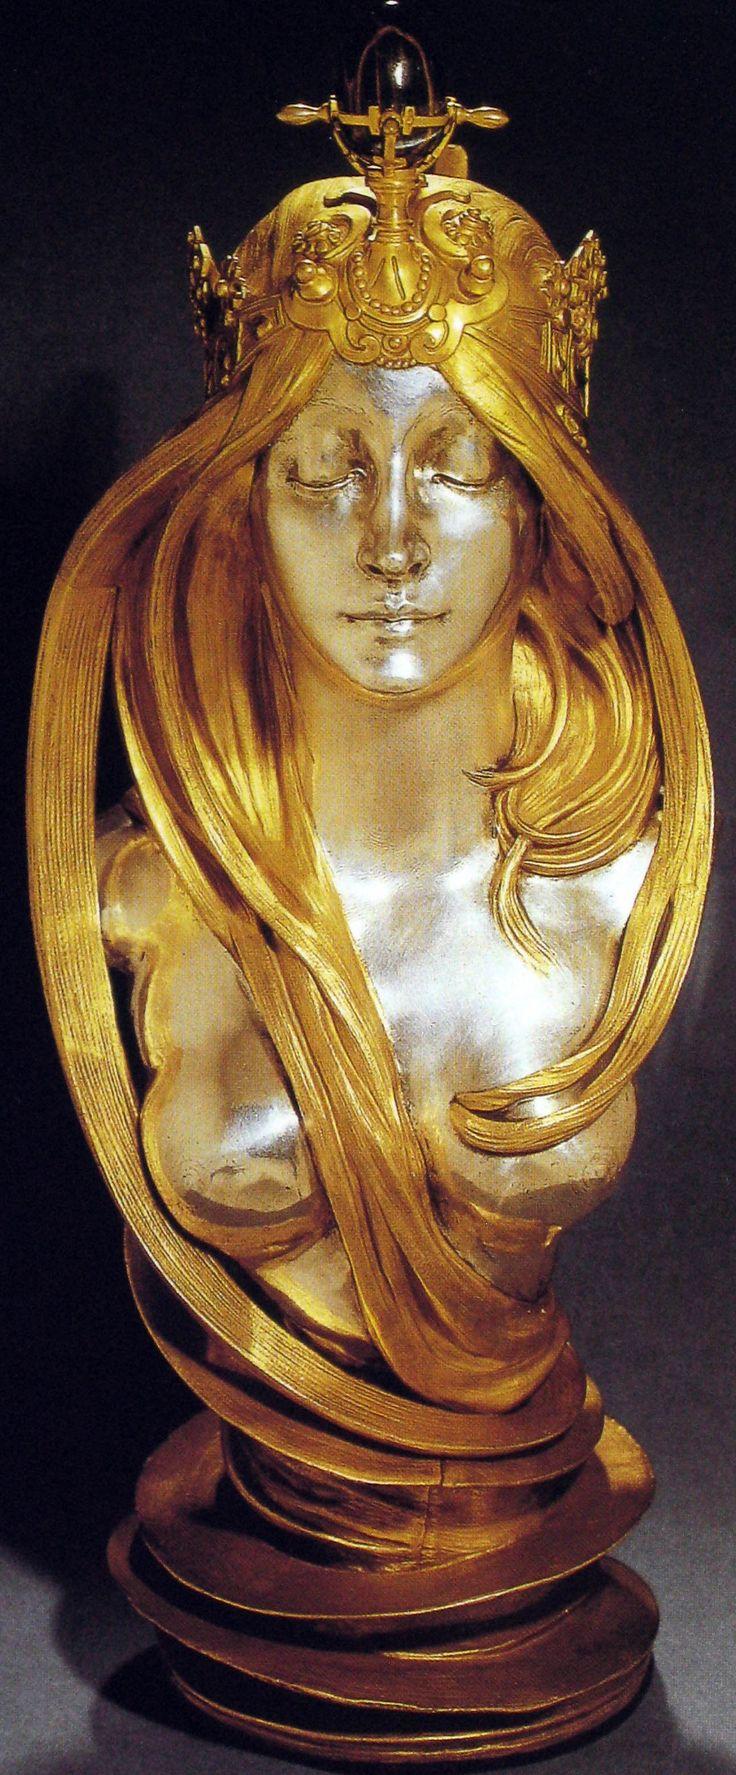 Alfons Mucha - Buste 'La Nature' - Bronze Patiné Doré et Argent - Vers 1900.